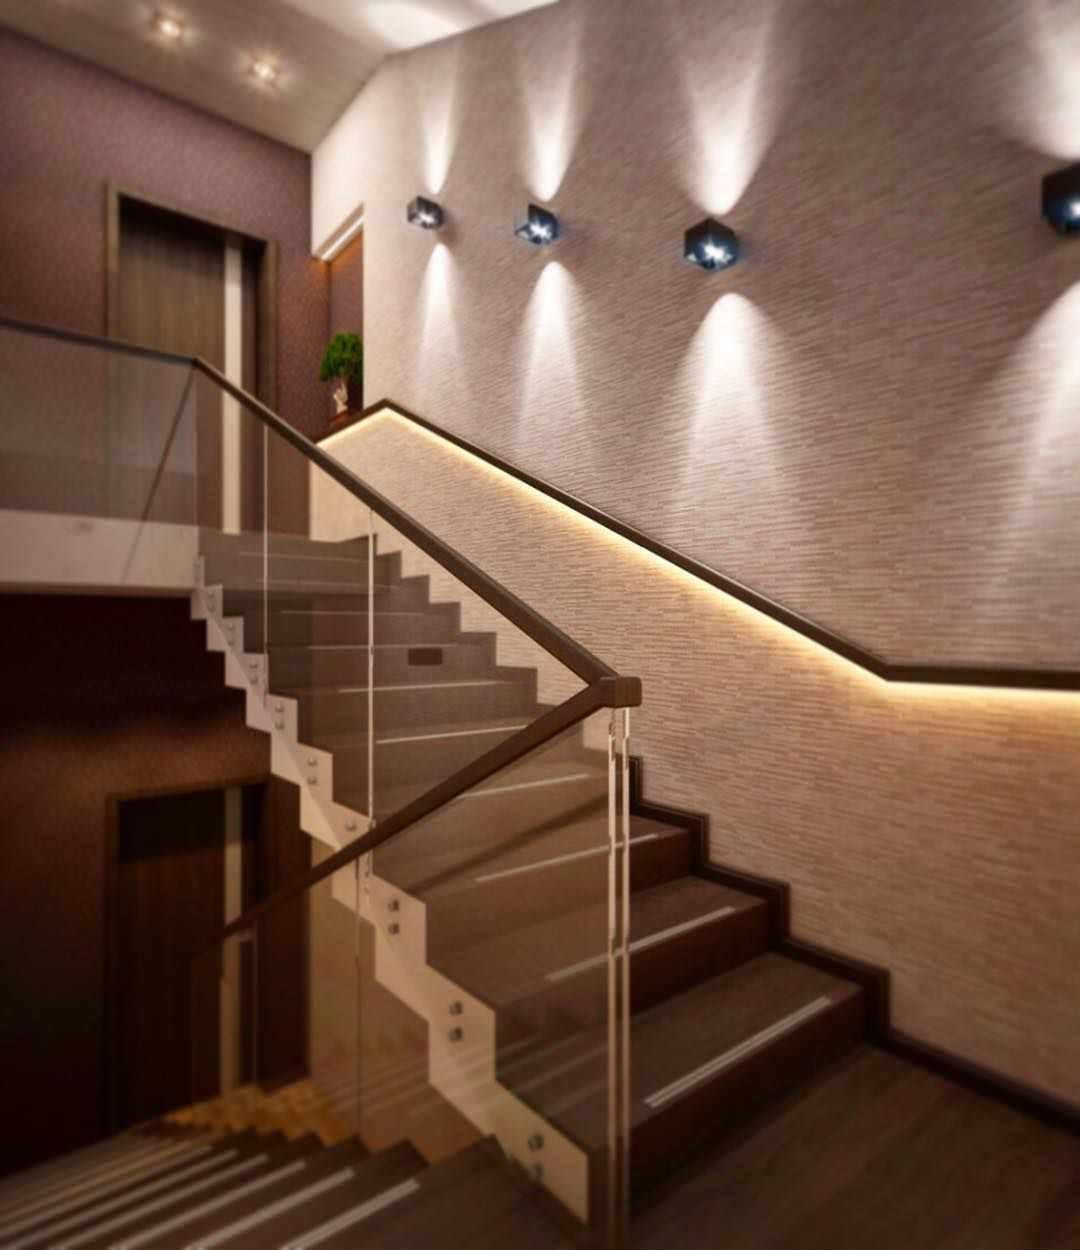 egy őszinte ház világos belső lépcsőjének gondolata